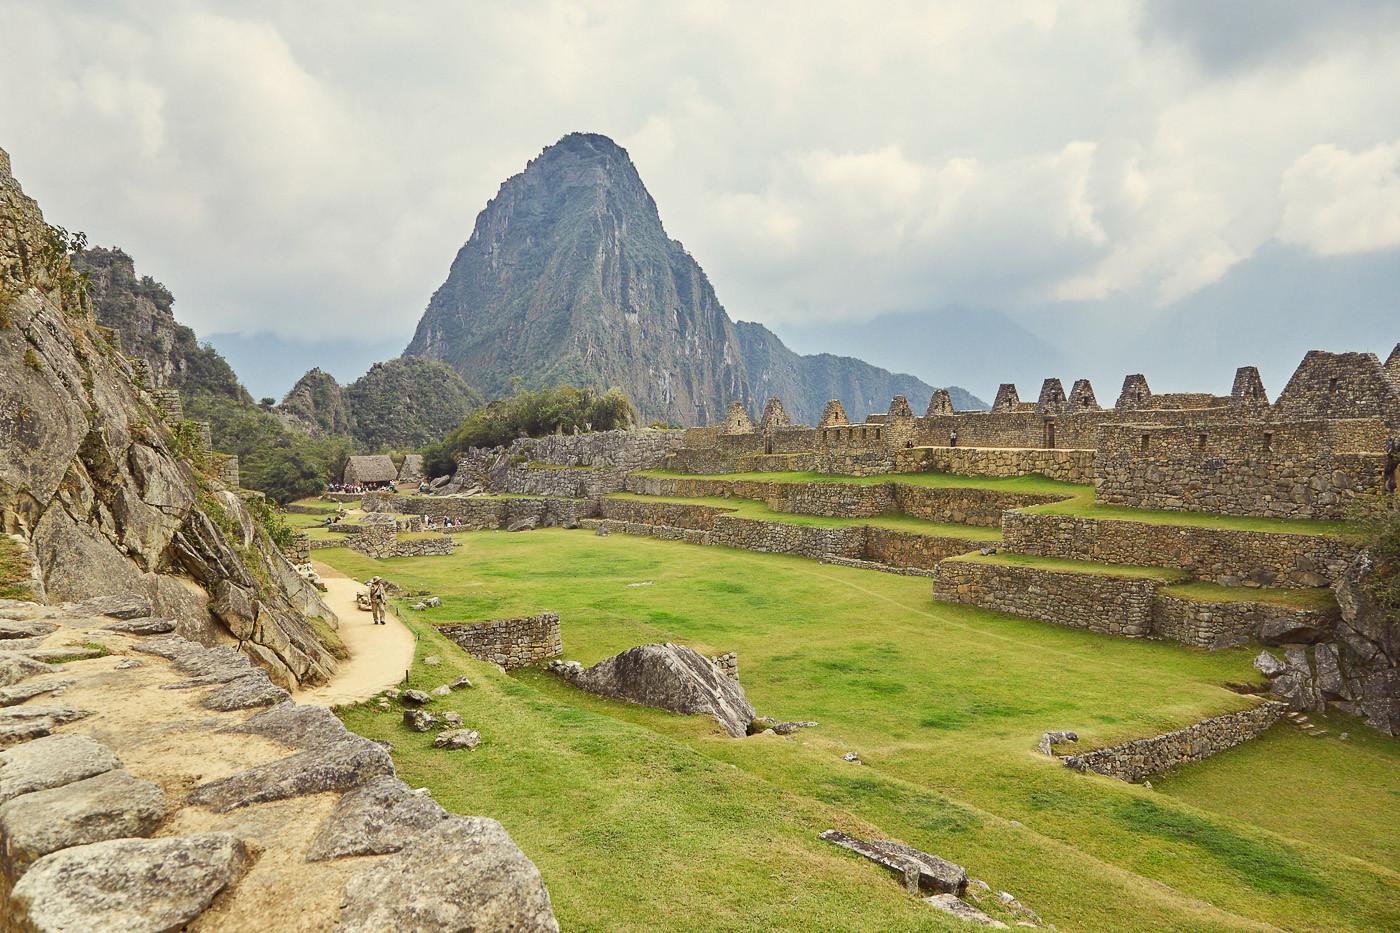 Am Nachmittag sind die Ruinen wie leer gefegt. In unserem ultimativen Machu Picchu Guide erklären wir, welche die beste Zeit für Machu Picchu ist und ob es wirklich notwendig ist, in Aguas Calientes zu übernachten